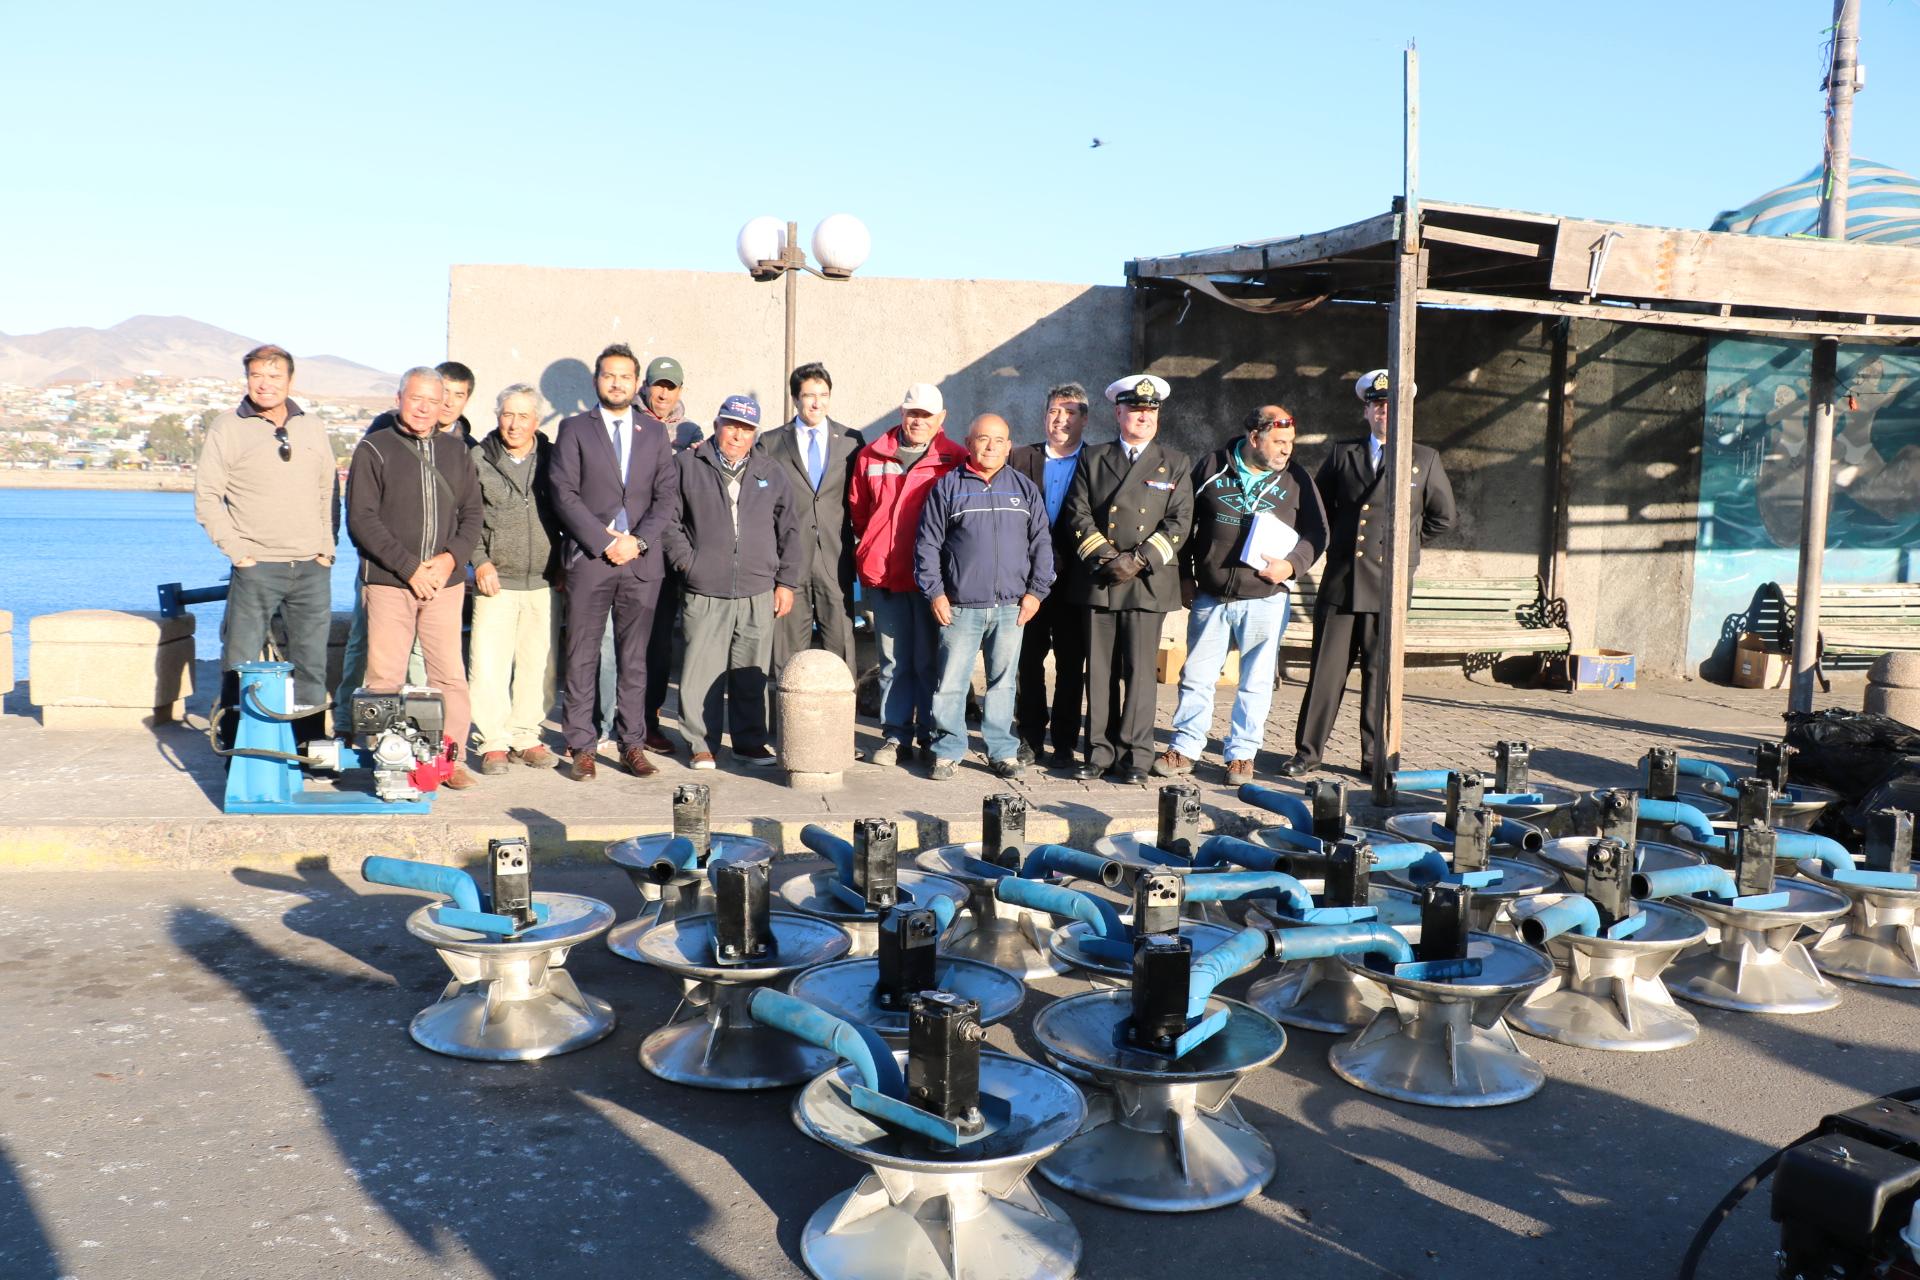 Pescadores Artesanales reciben equipamiento de apoyo para labores extractivas